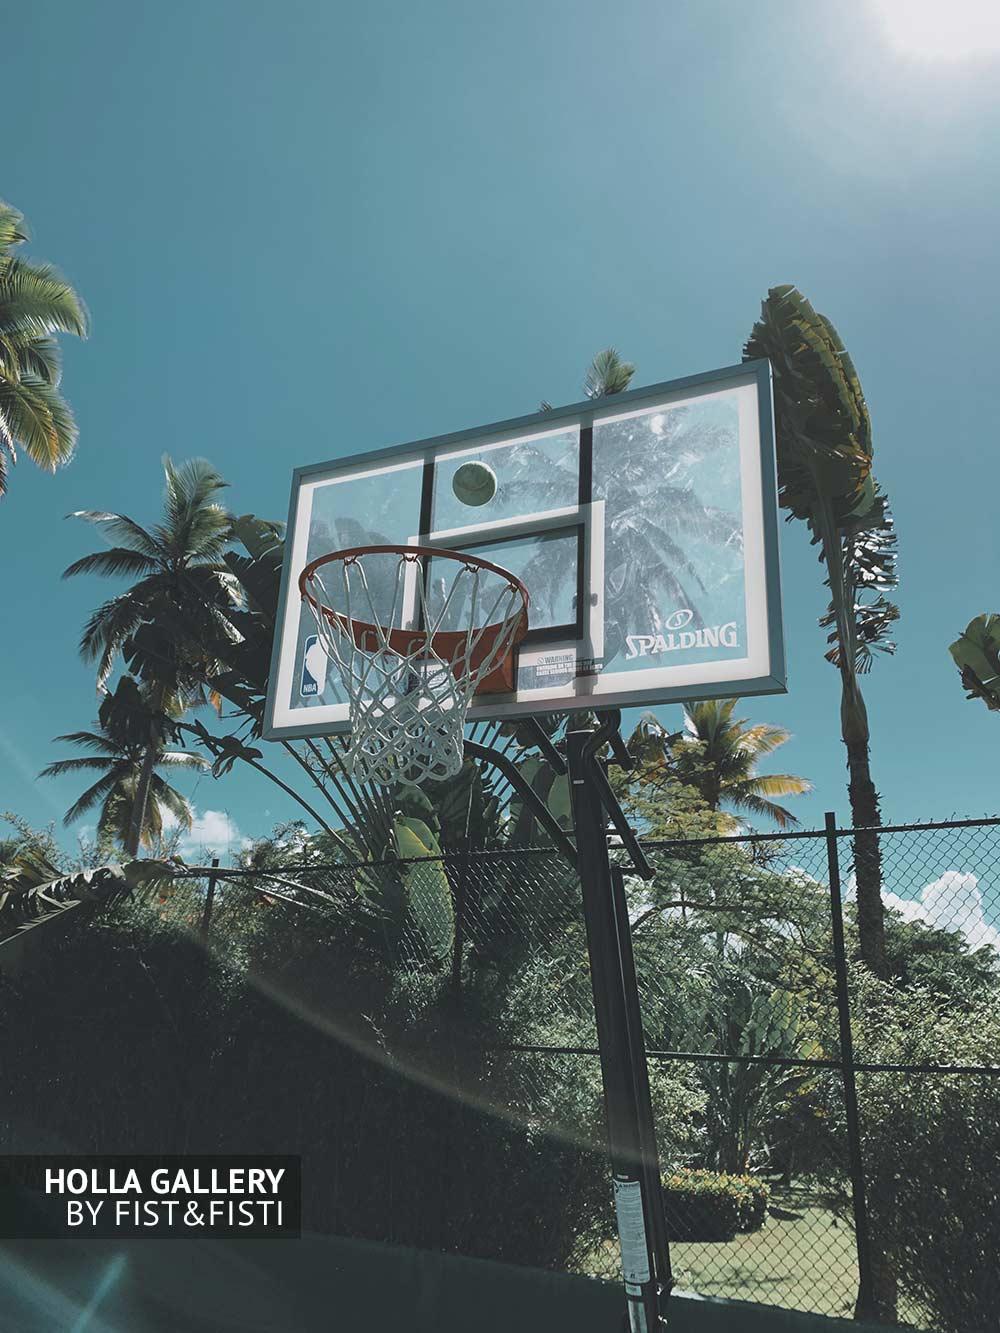 Теннисный мяч летит в баскетбольное кольцо на фоне летнего солнца и пальм